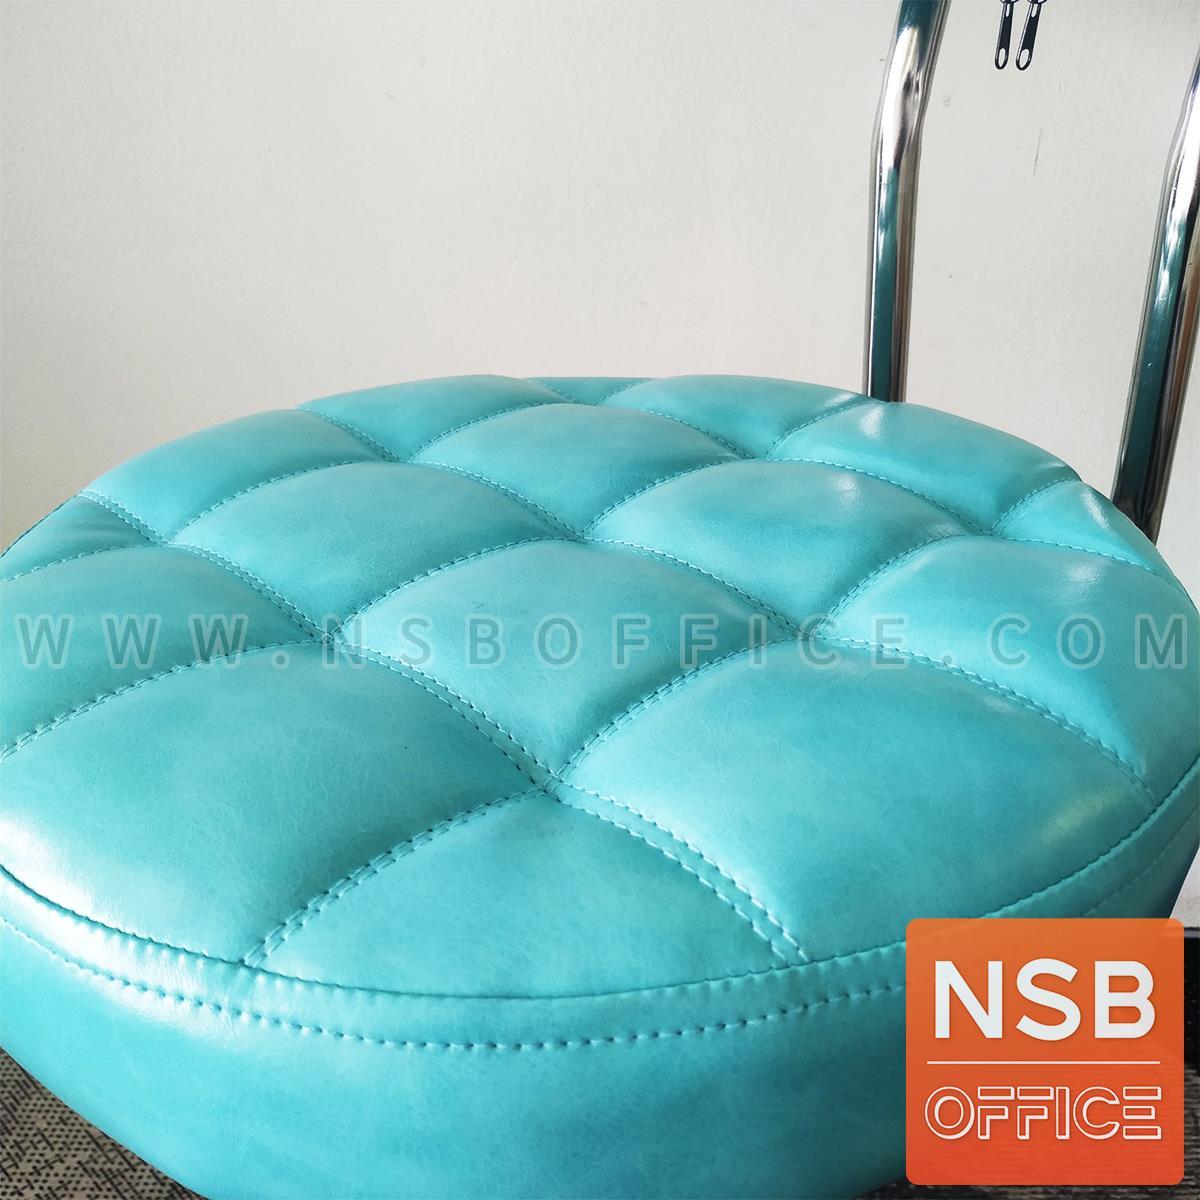 เก้าอี้บาร์สตูลที่นั่งกลม รุ่น Bluevine (บลูไวน์) ขนาด 34Di cm โครงขาจานกลมโครเมียม